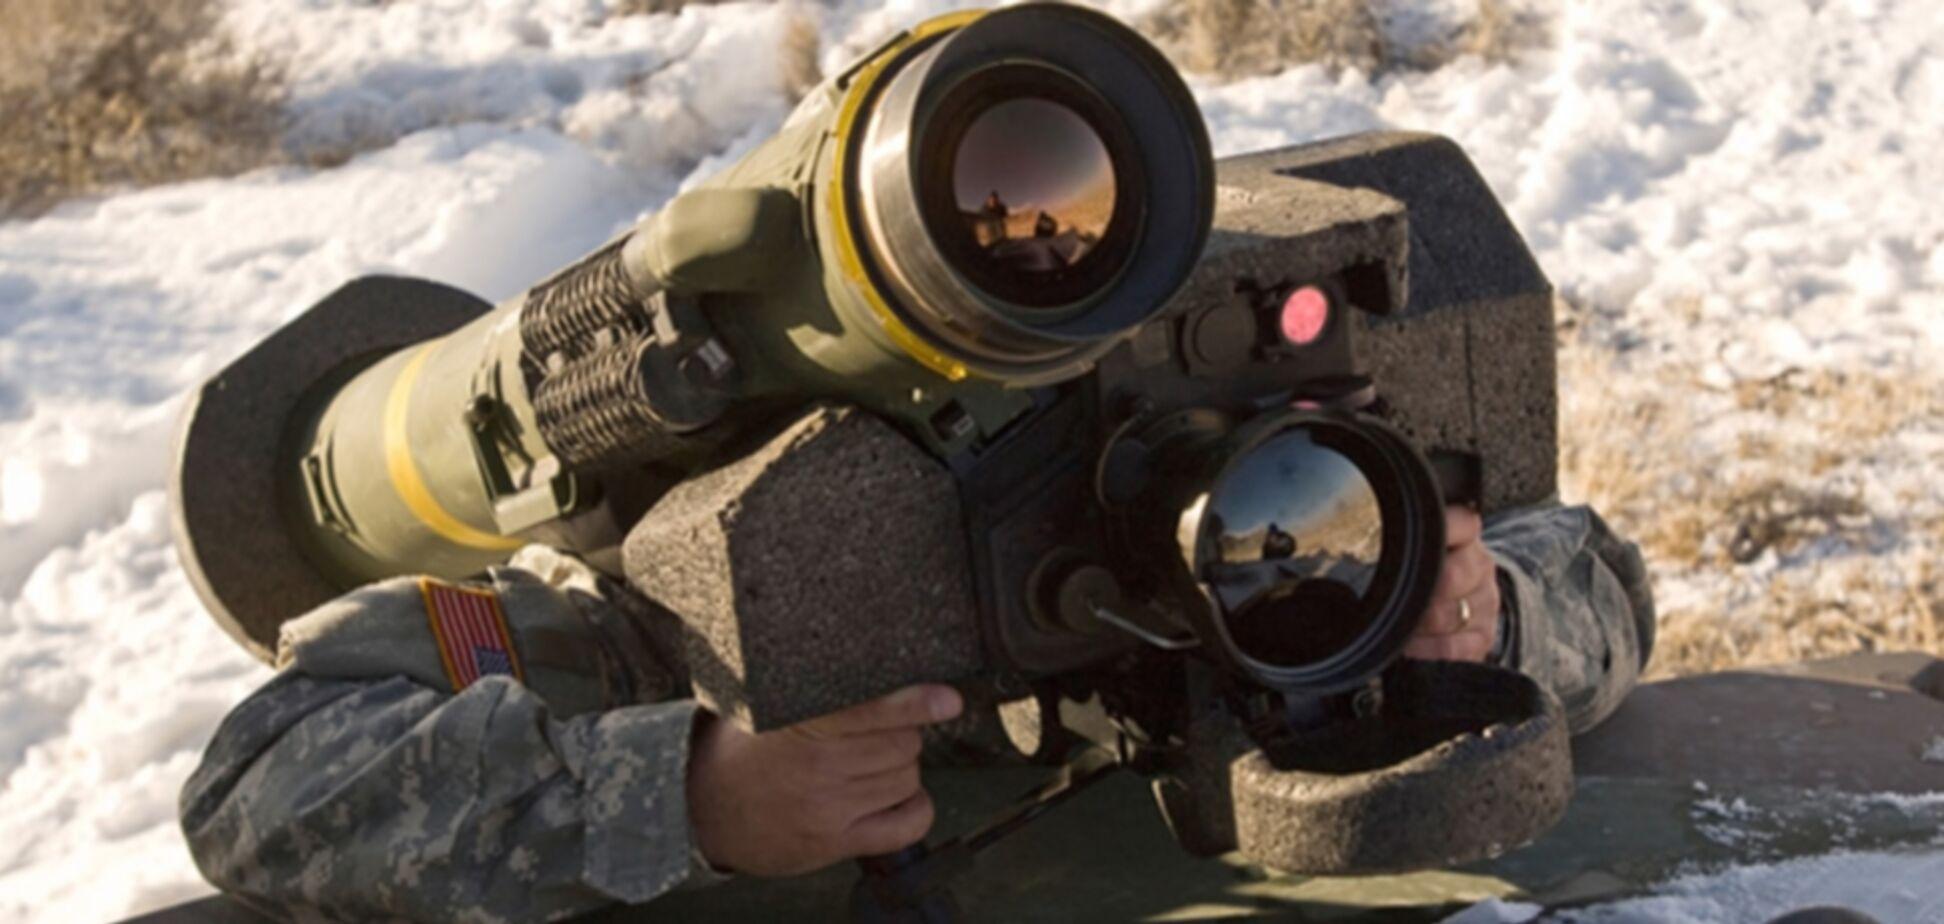 Поставки оружия – это фуфло: Голышев пояснил, как Волкер 'пробьет РФ по всем пунктам'